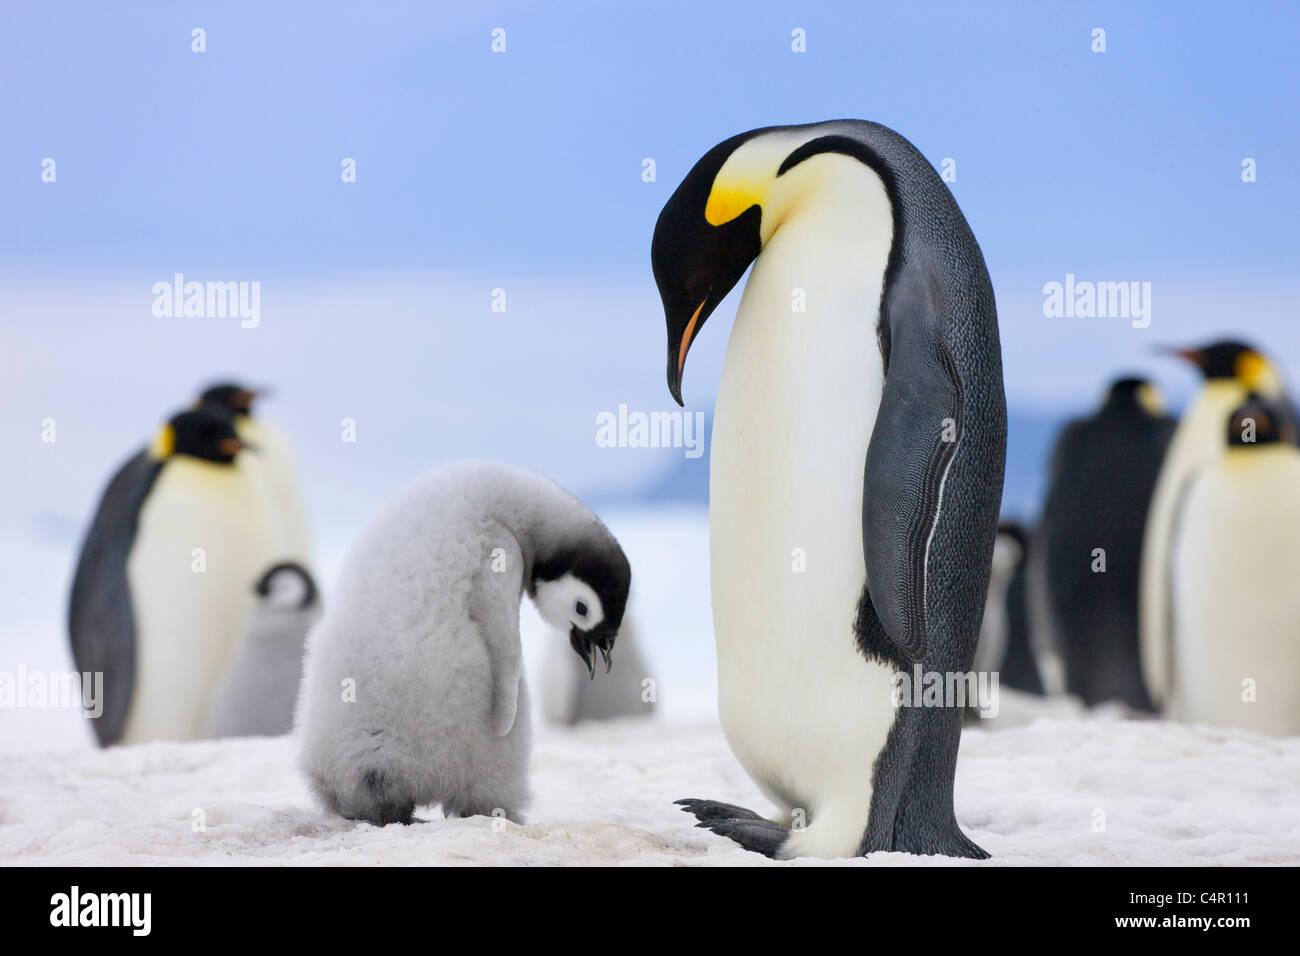 Pinguini imperatore, genitore con pulcini su ghiaccio, Snow Hill Island, Antartide Immagini Stock